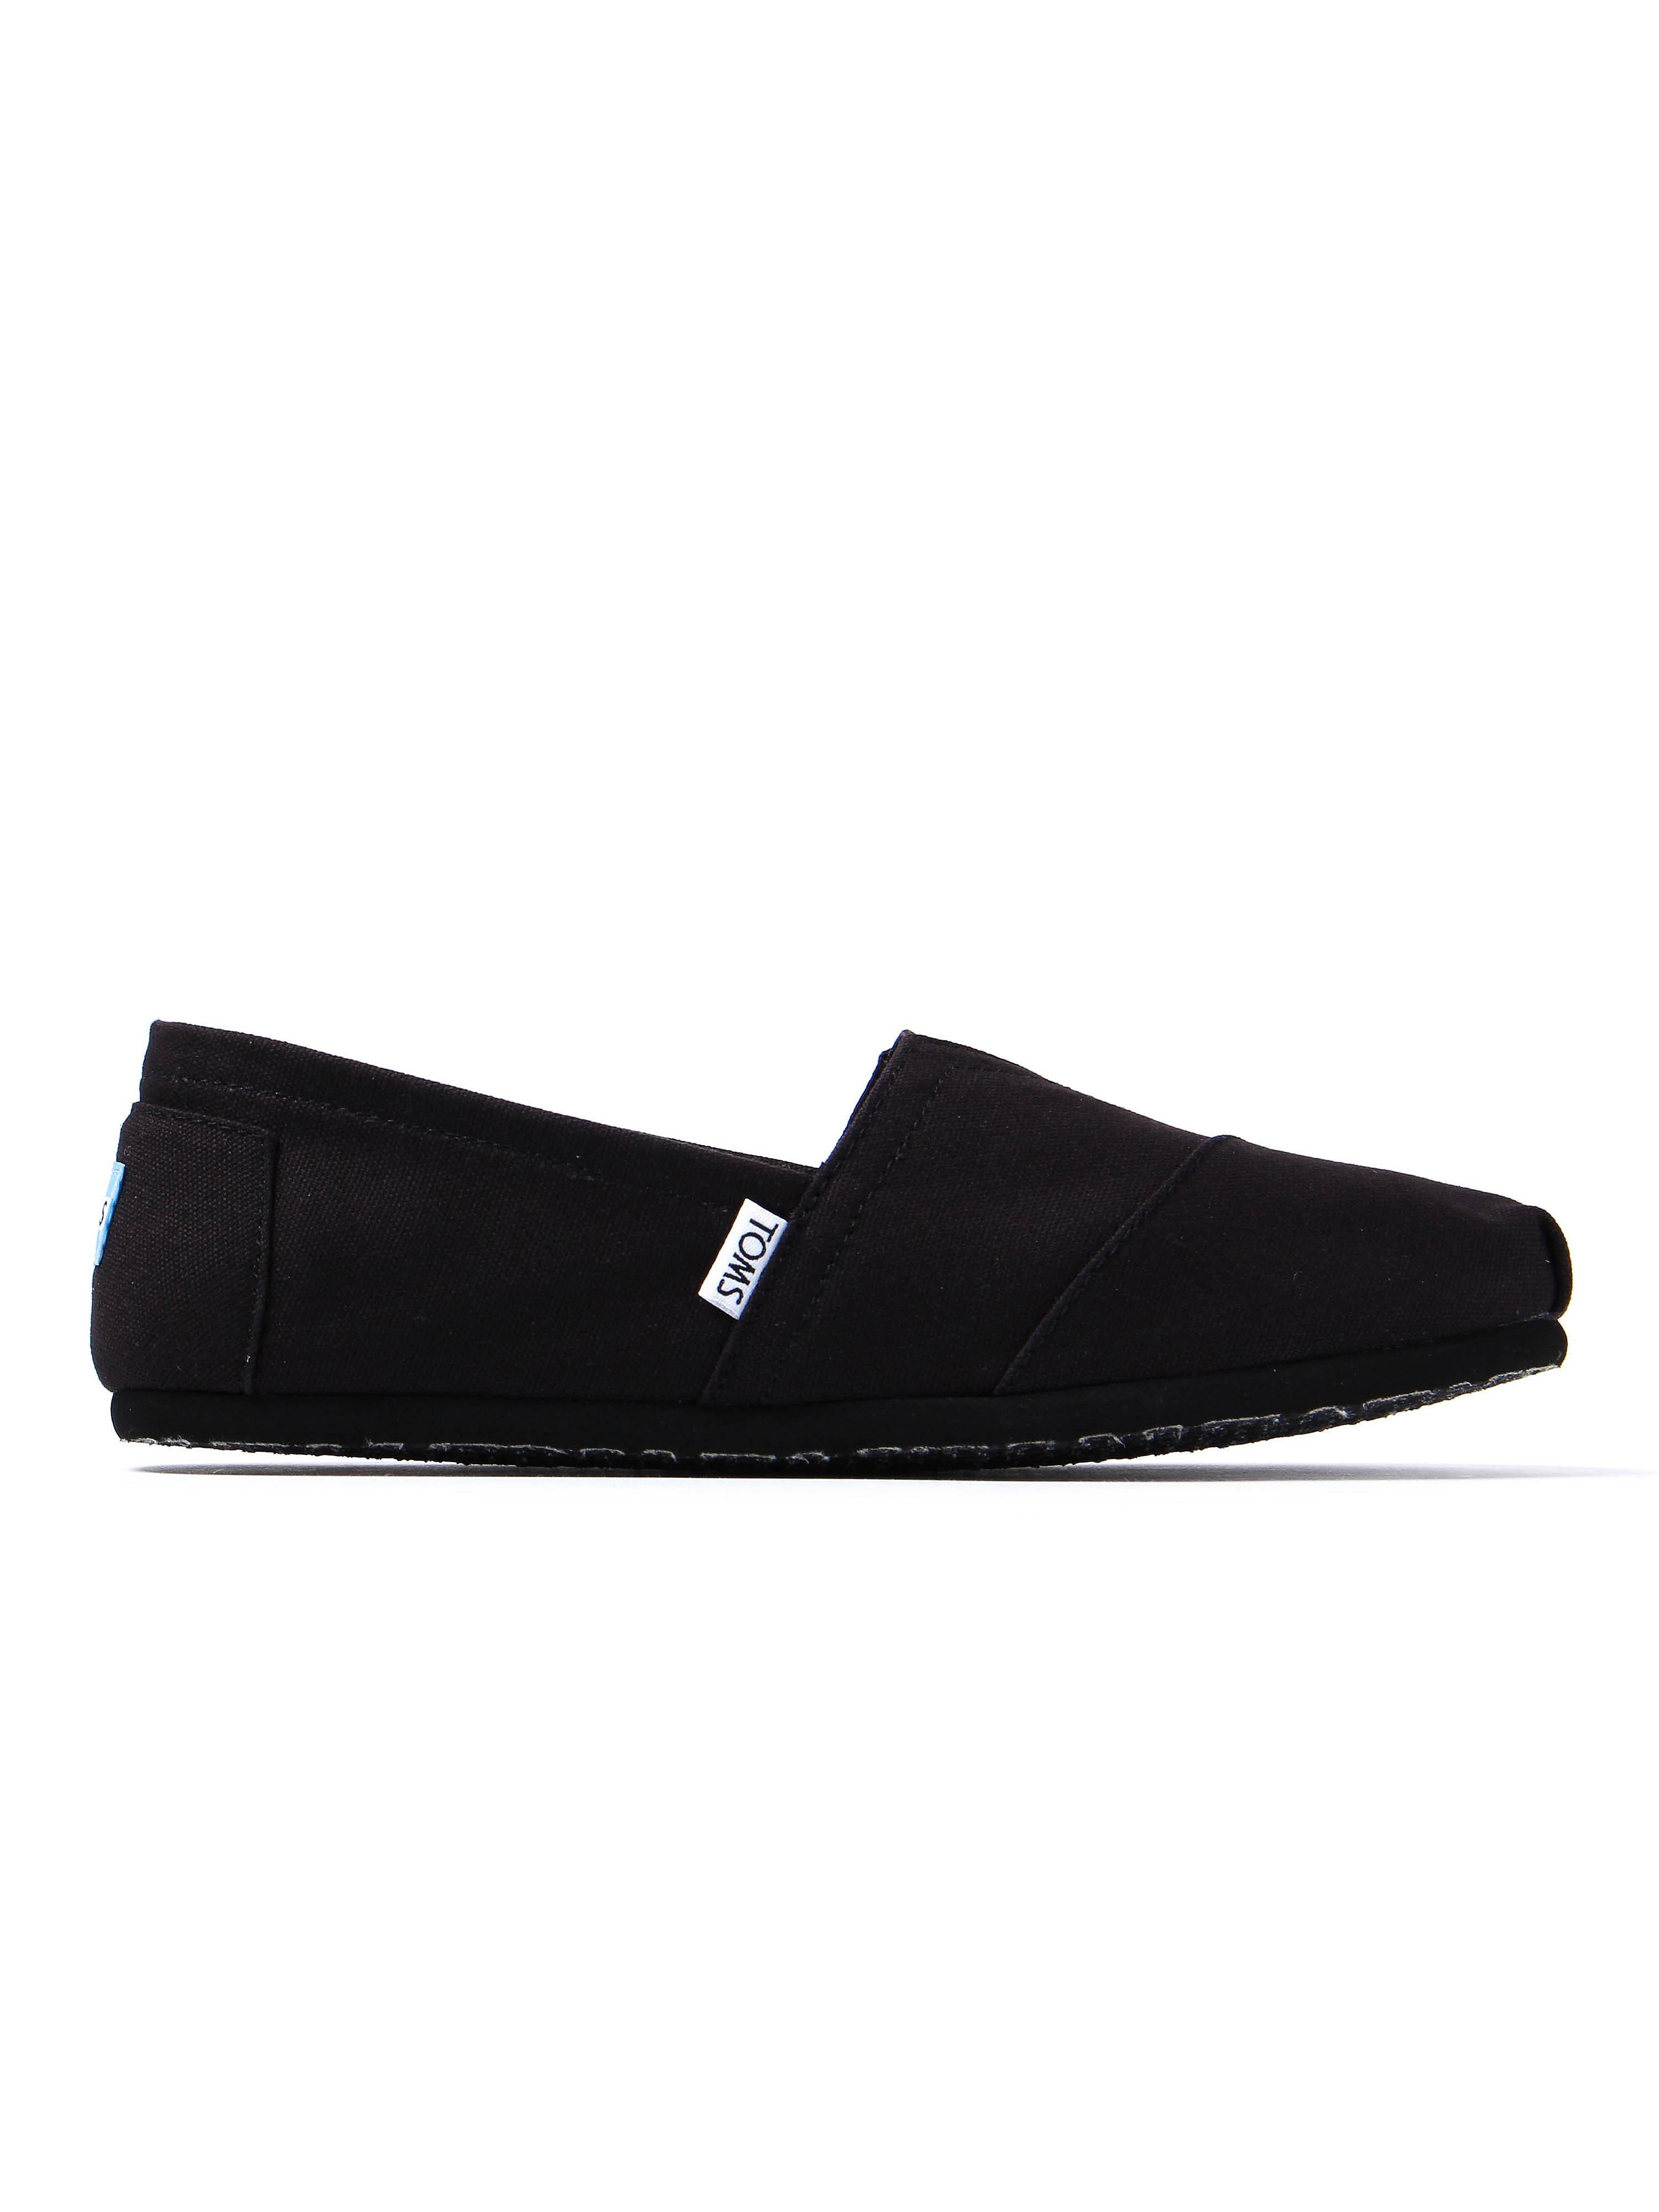 Toms Men's Classic Canvas Shoes - All Black